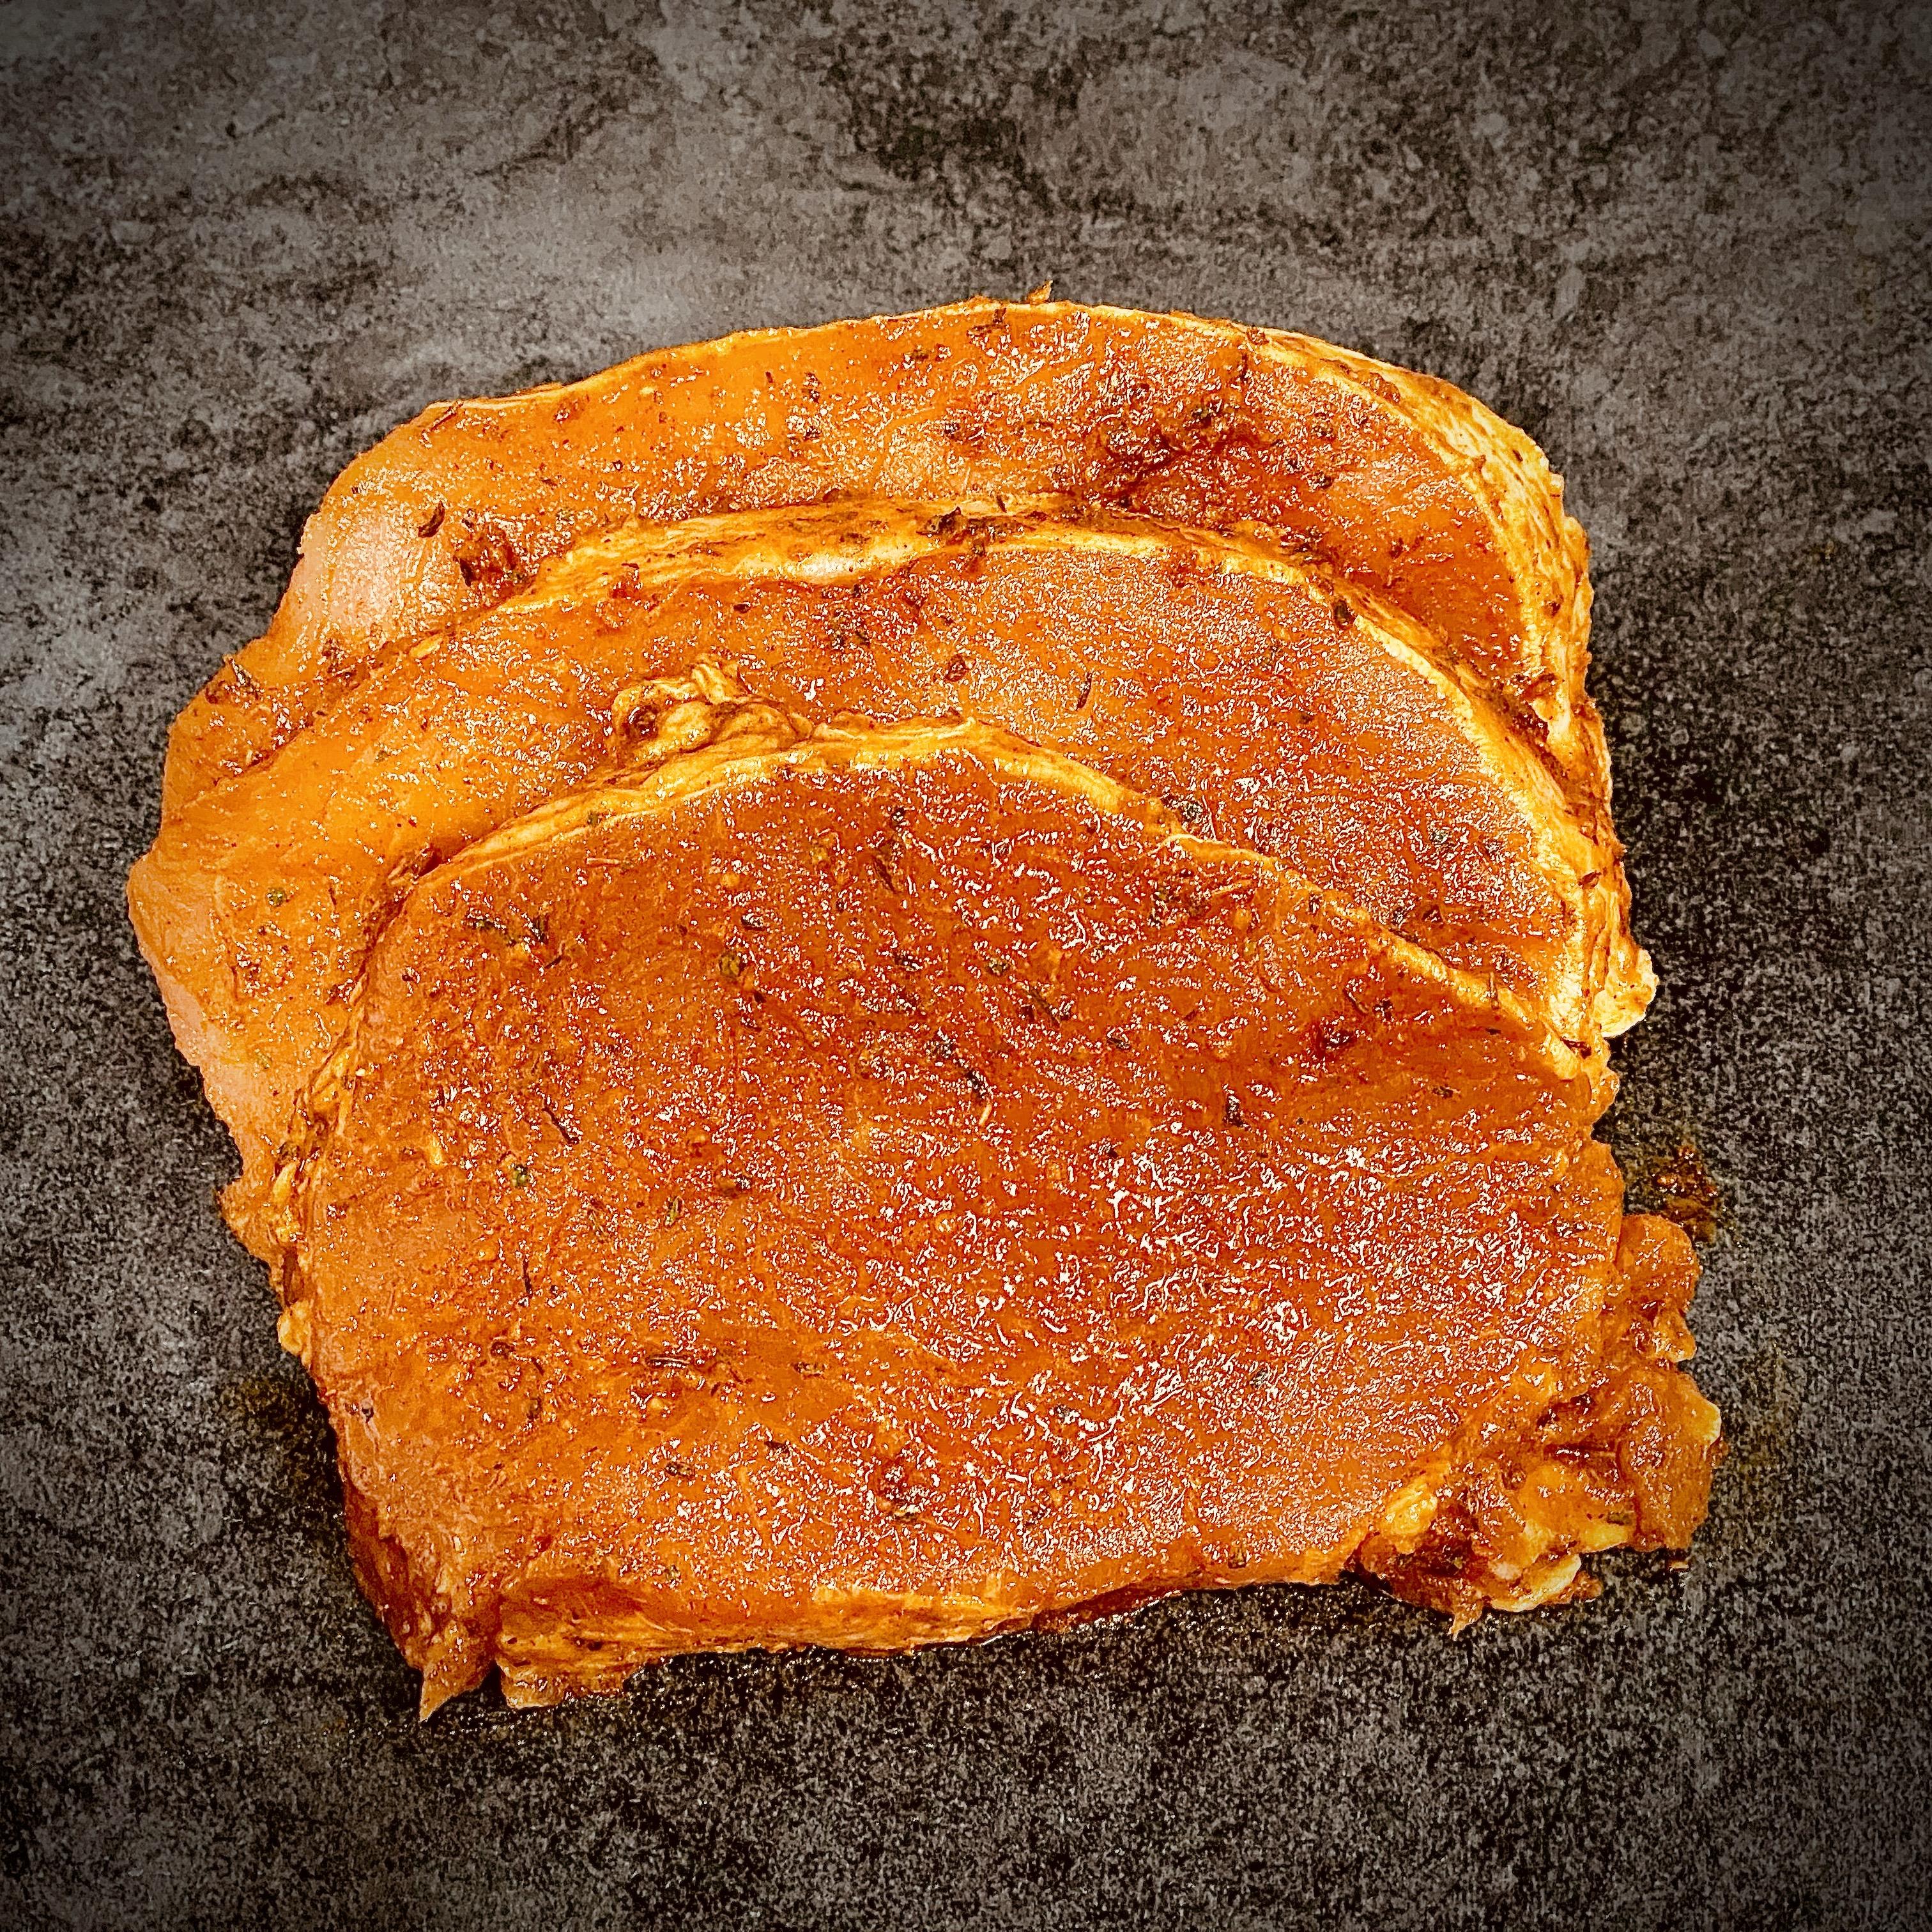 StrohGOLD Rückensteaks. Fleisch ohne Gentechnik. 2kg-Paket, Allergenfrei. Ohne Geschmacksverstärker.